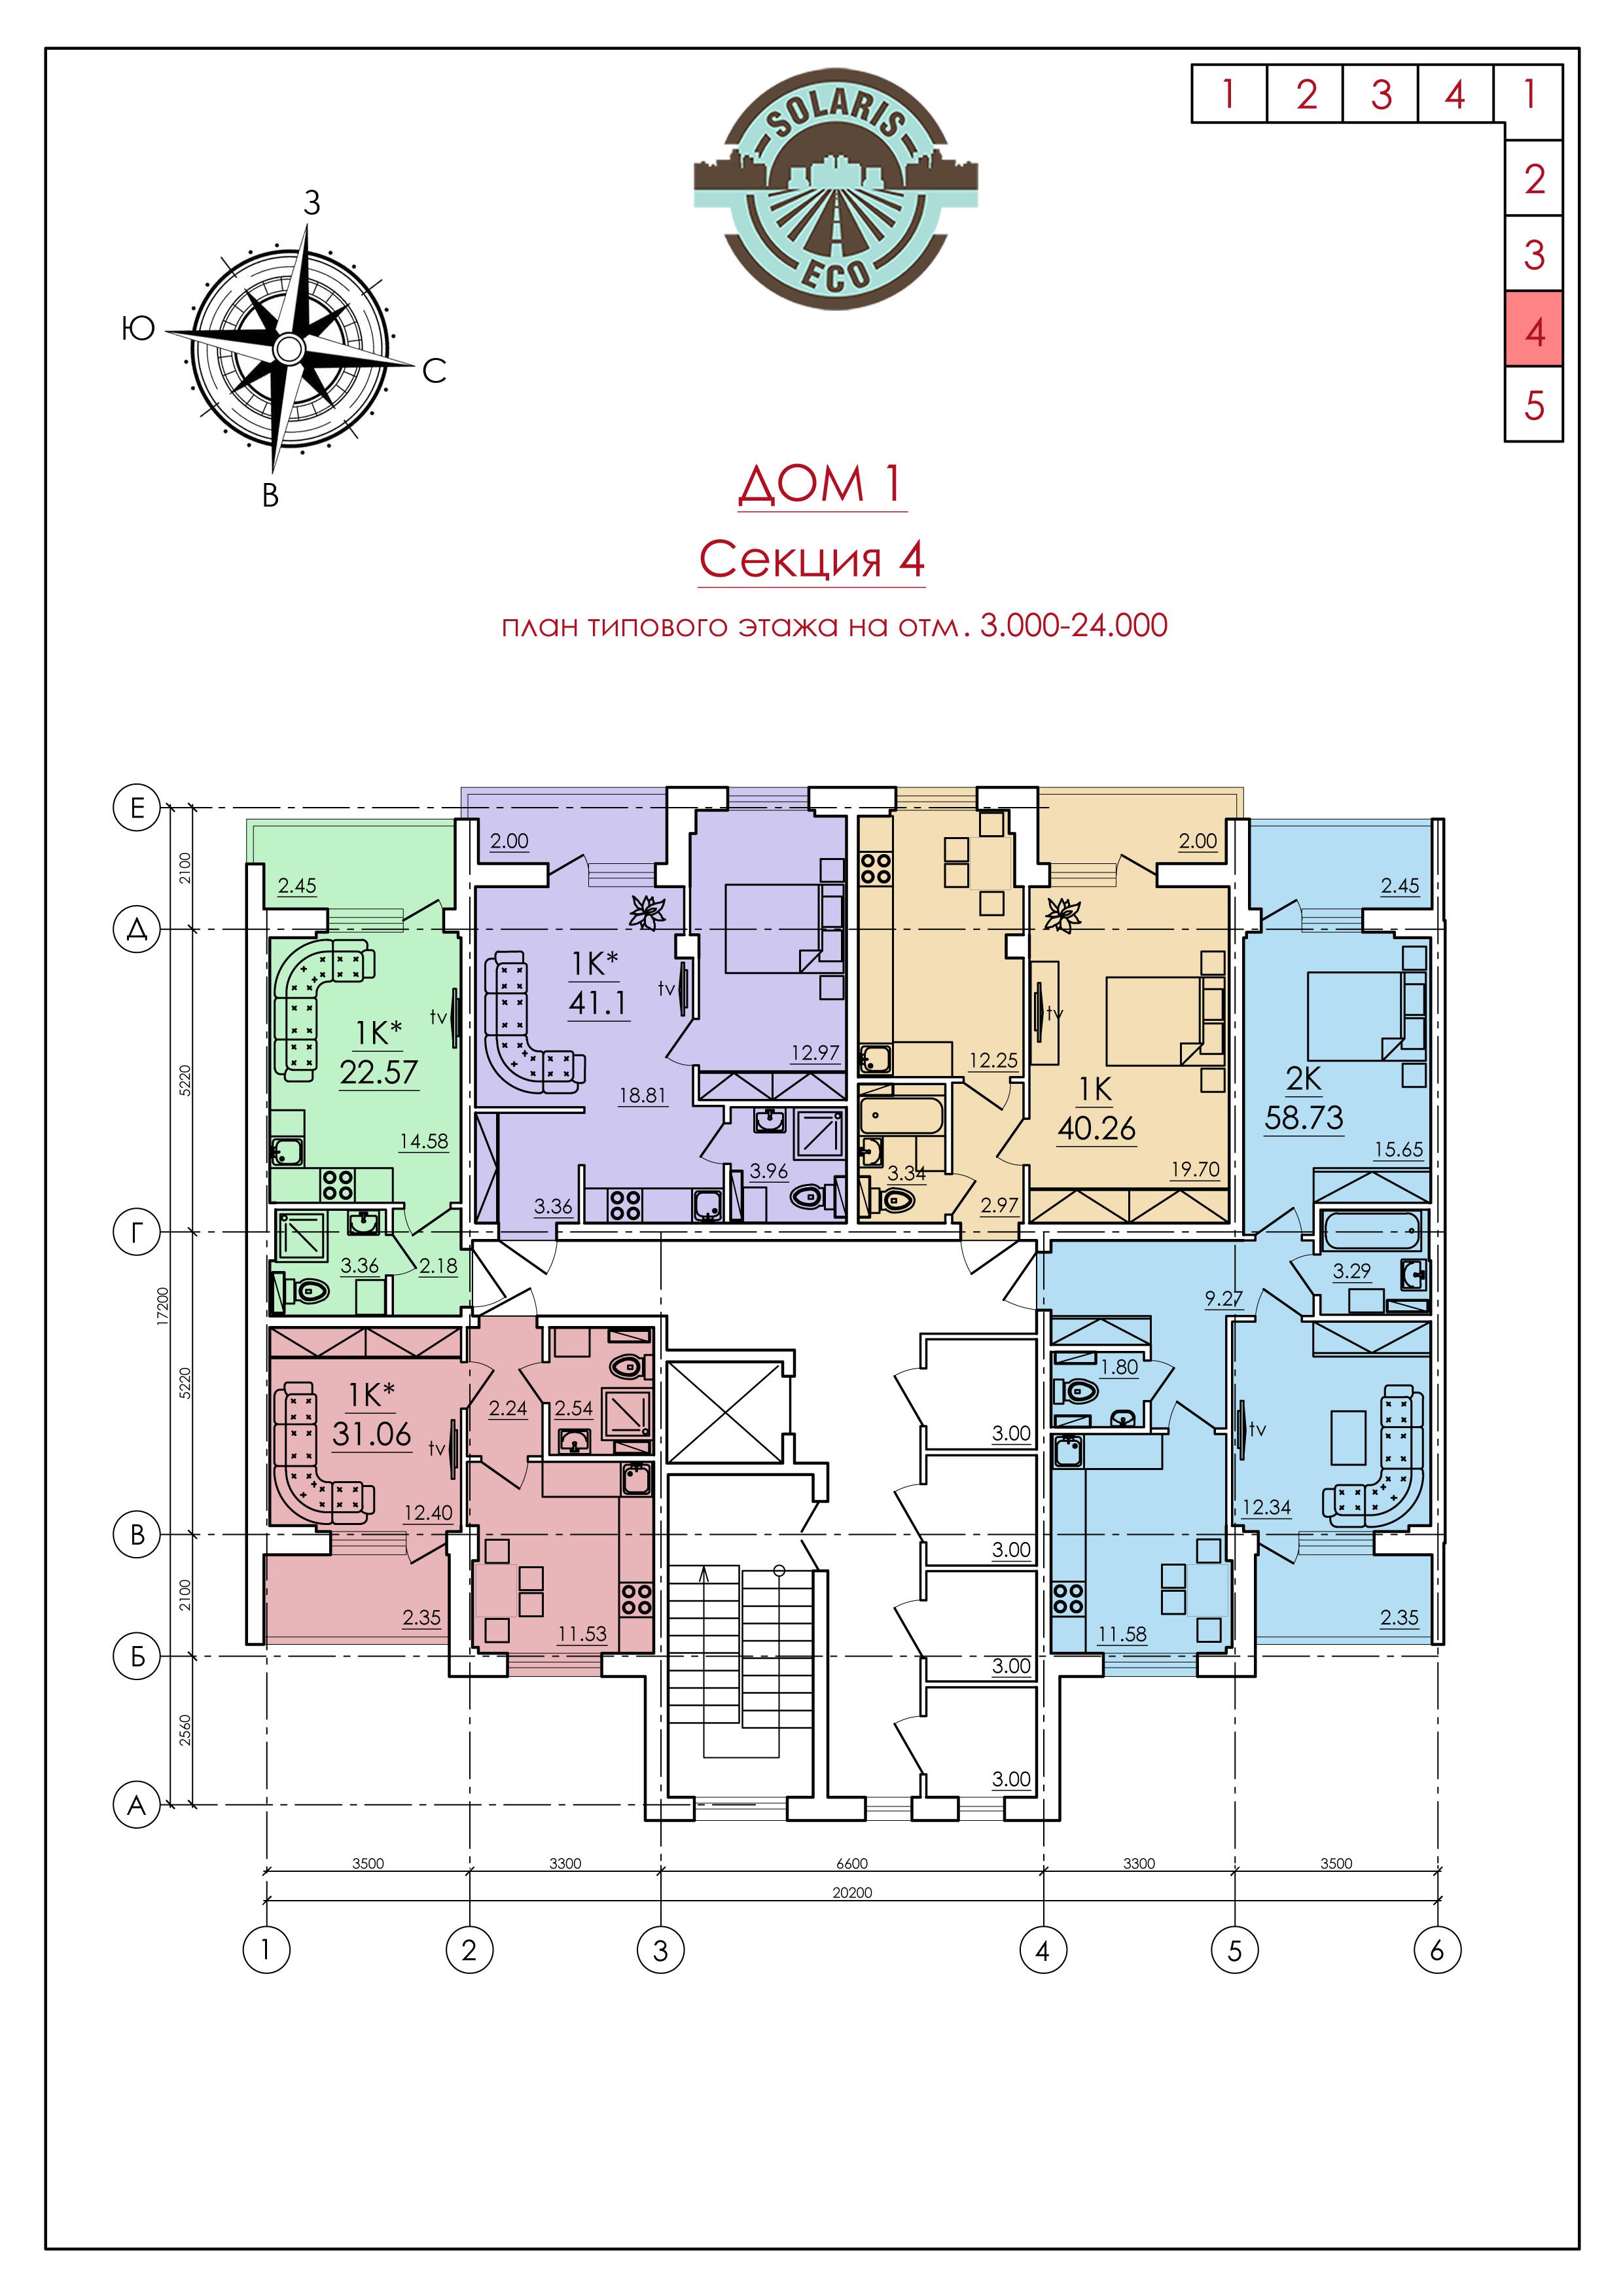 ЖК ECO Solaris (ЭКО Соларис ) / Дом №1 / 4 секция / План типового этажа